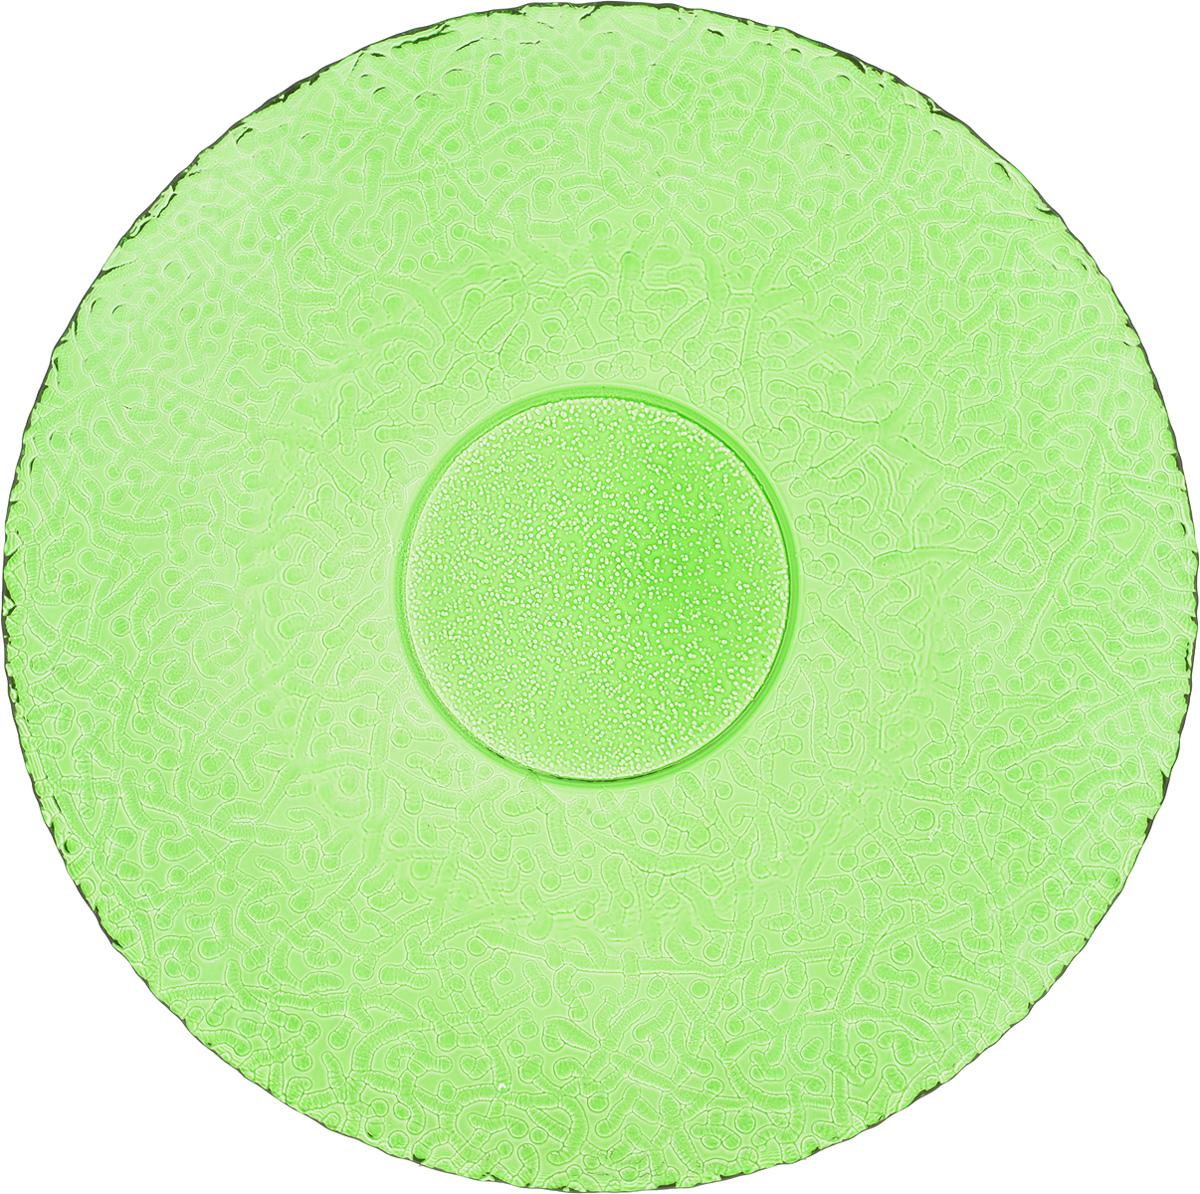 Тарелка NiNaGlass Ажур, цвет: зеленый, диаметр 26 см83-071-Ф260 ЗЕЛТарелка NiNaGlass Ажур выполнена из высококачественного стекла и имеет рельефную внешнюю поверхность. Она прекрасно впишется в интерьер вашей кухни и станет достойным дополнением к кухонному инвентарю. Тарелка NiNaGlass Ажур подчеркнет прекрасный вкус хозяйки и станет отличным подарком. Диаметр тарелки: 26 см. Высота: 3 см.